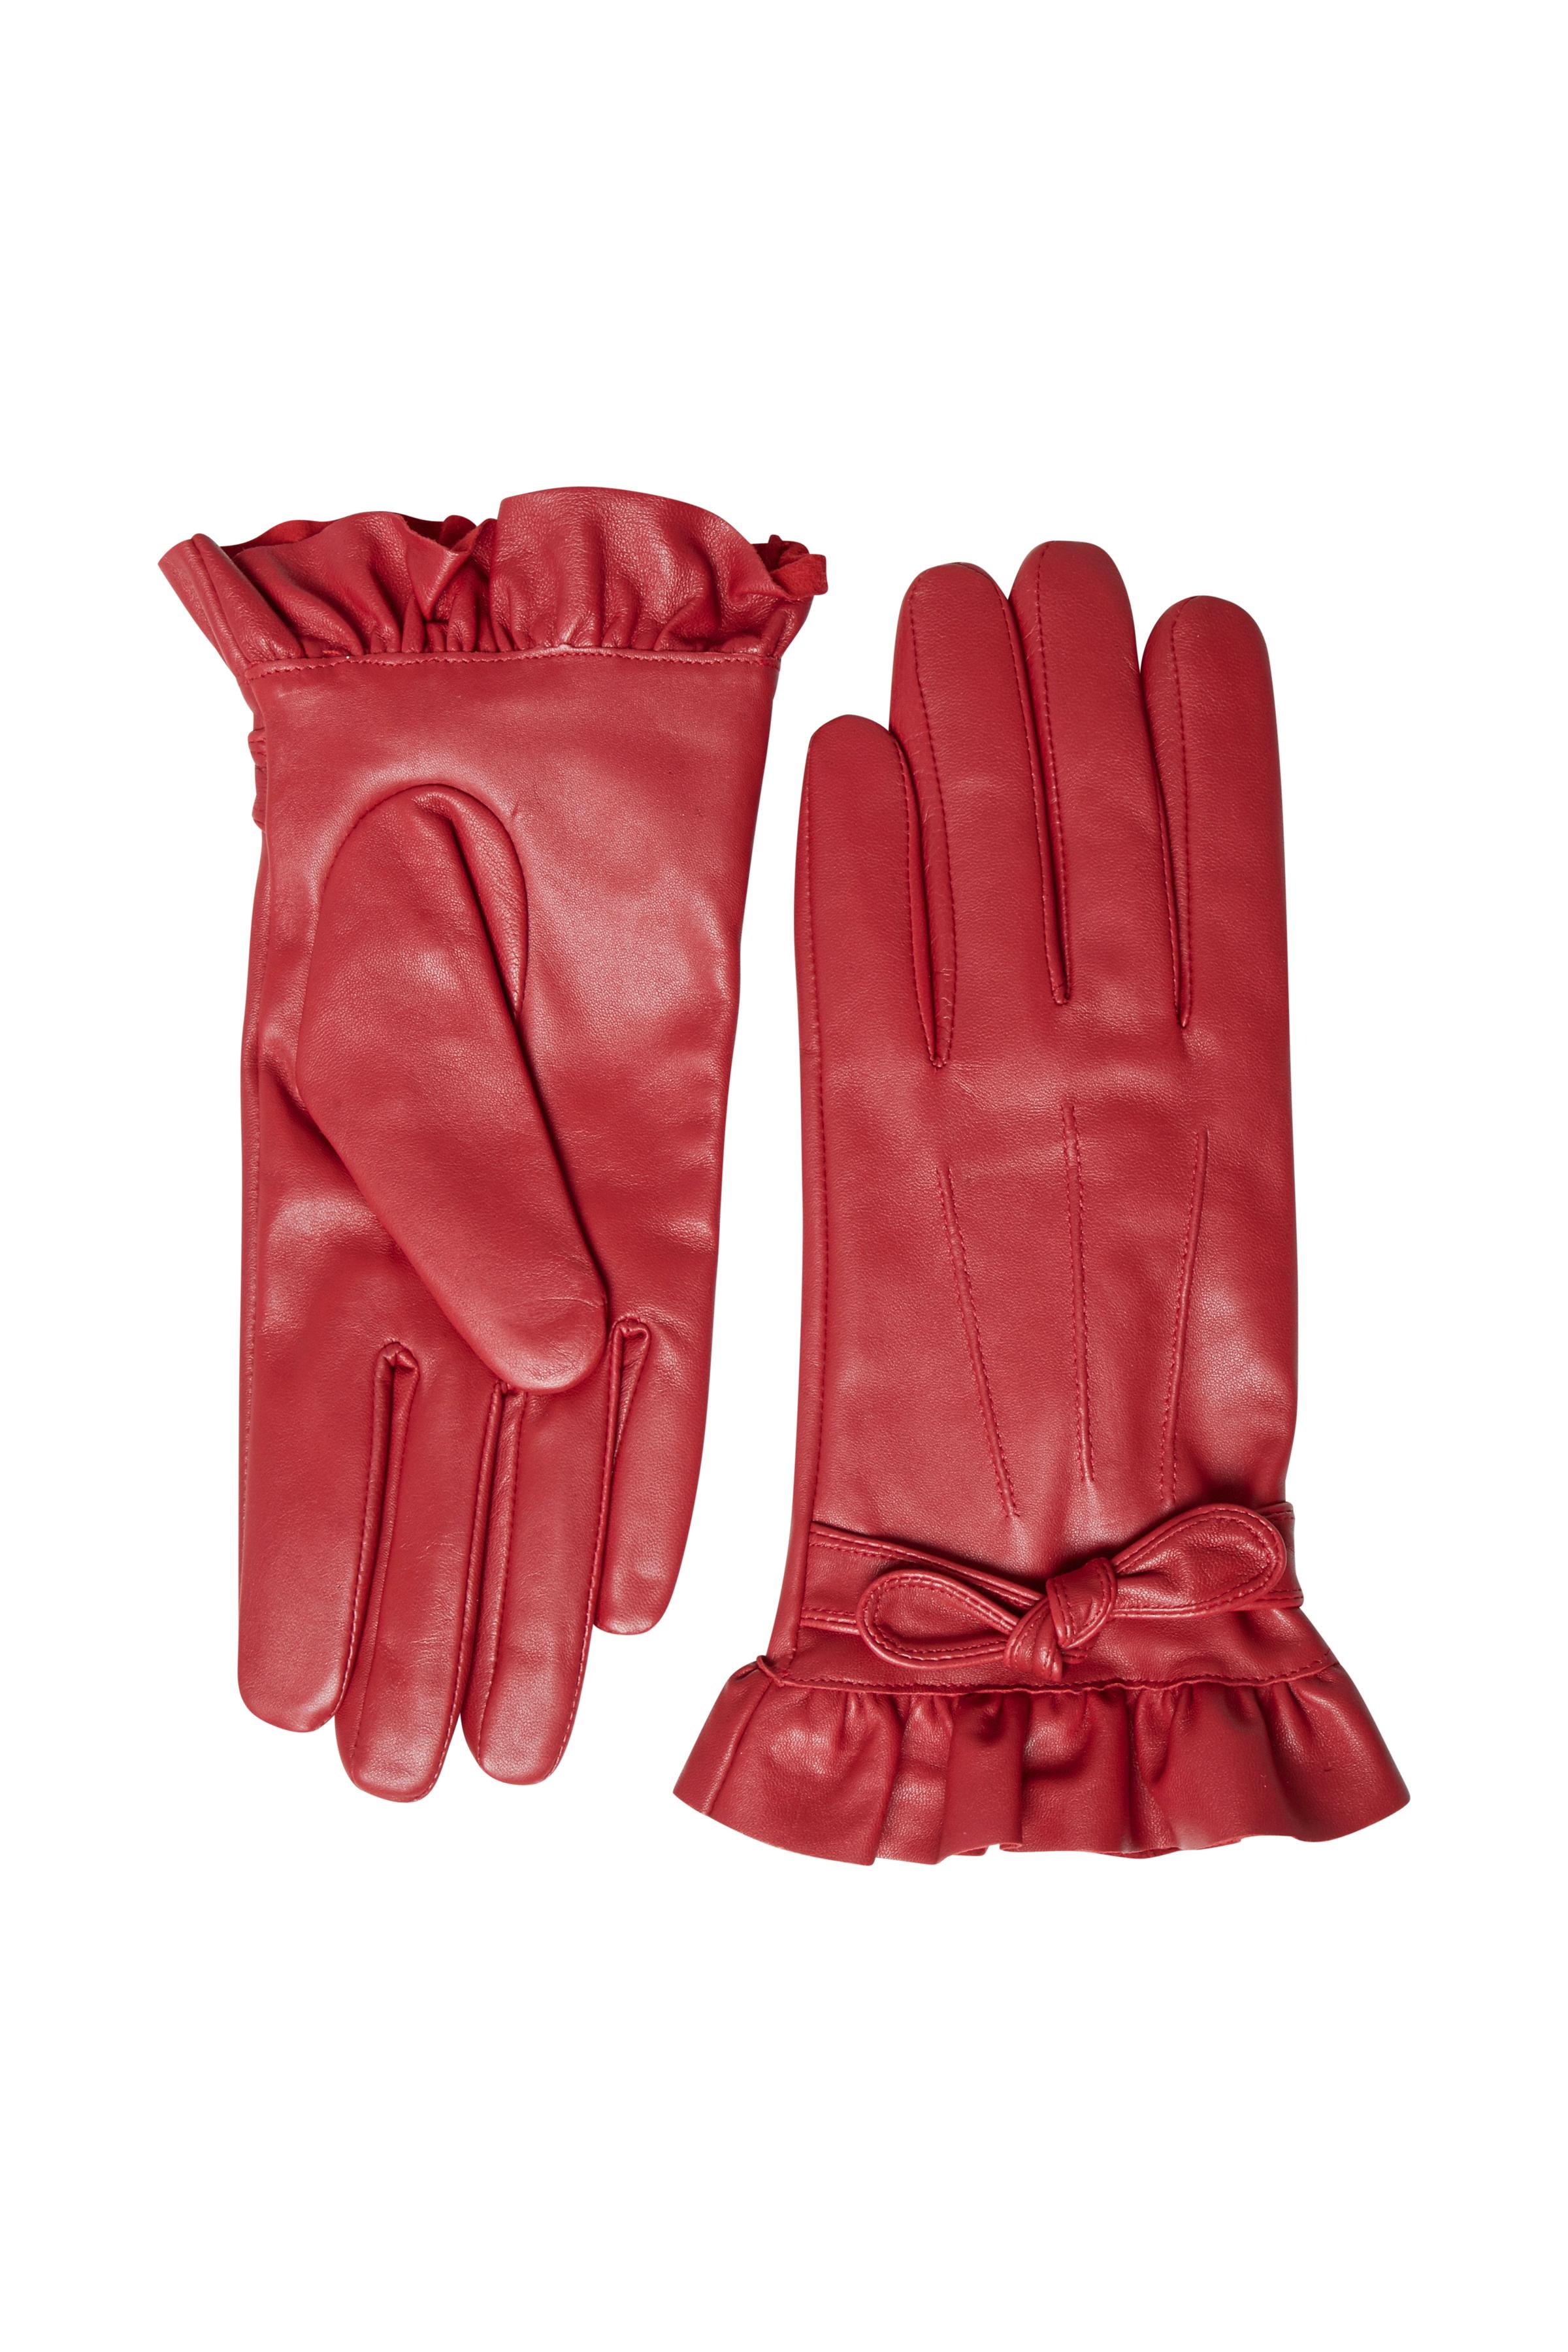 Rød Handsker fra Cream Accessories – Køb Rød Handsker fra str. S/M-L/XL her